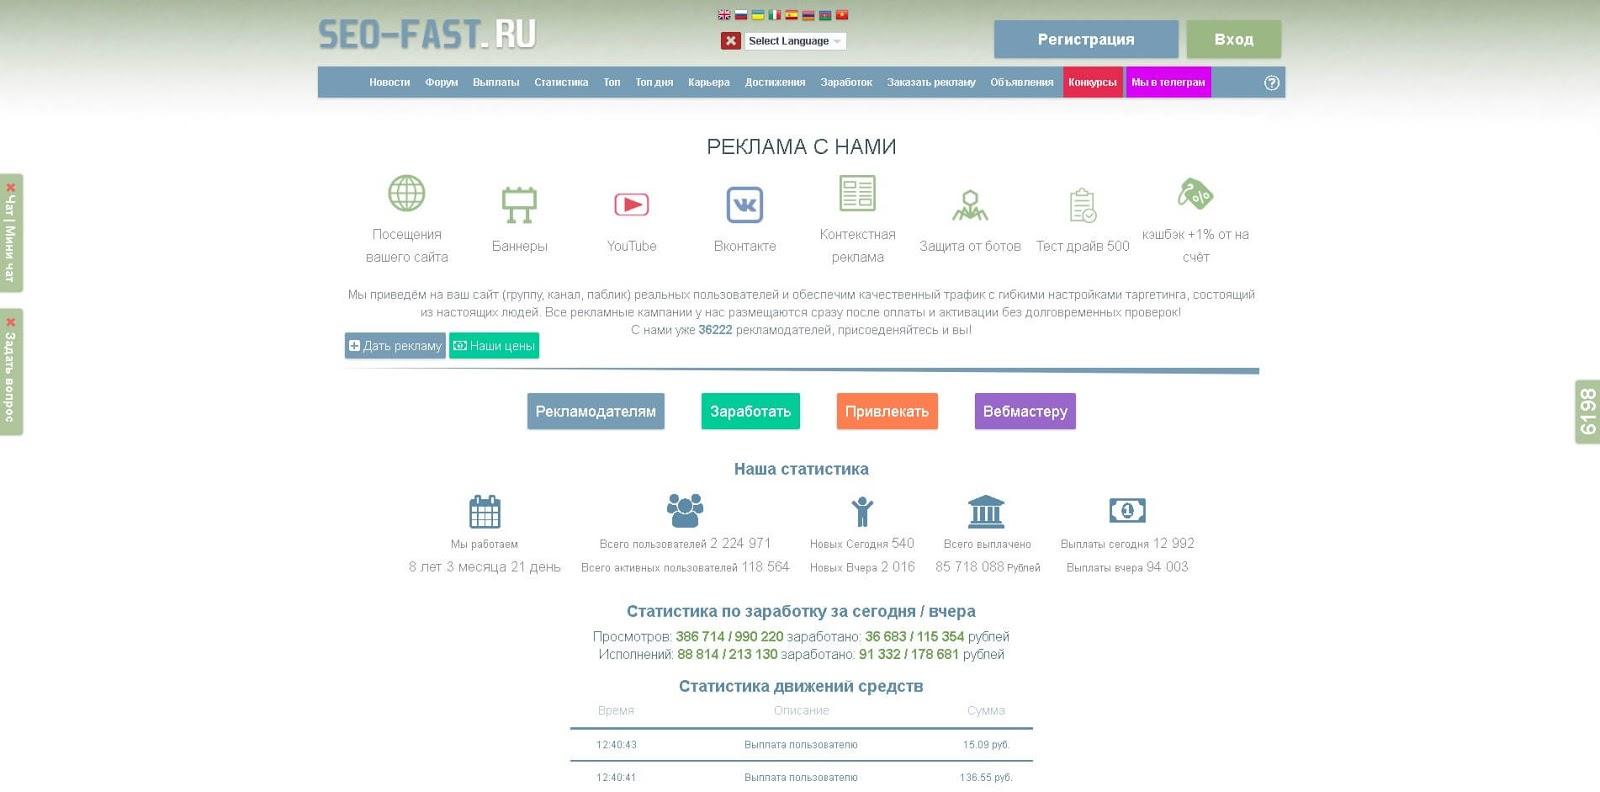 seofast-glavnaya-stranicza